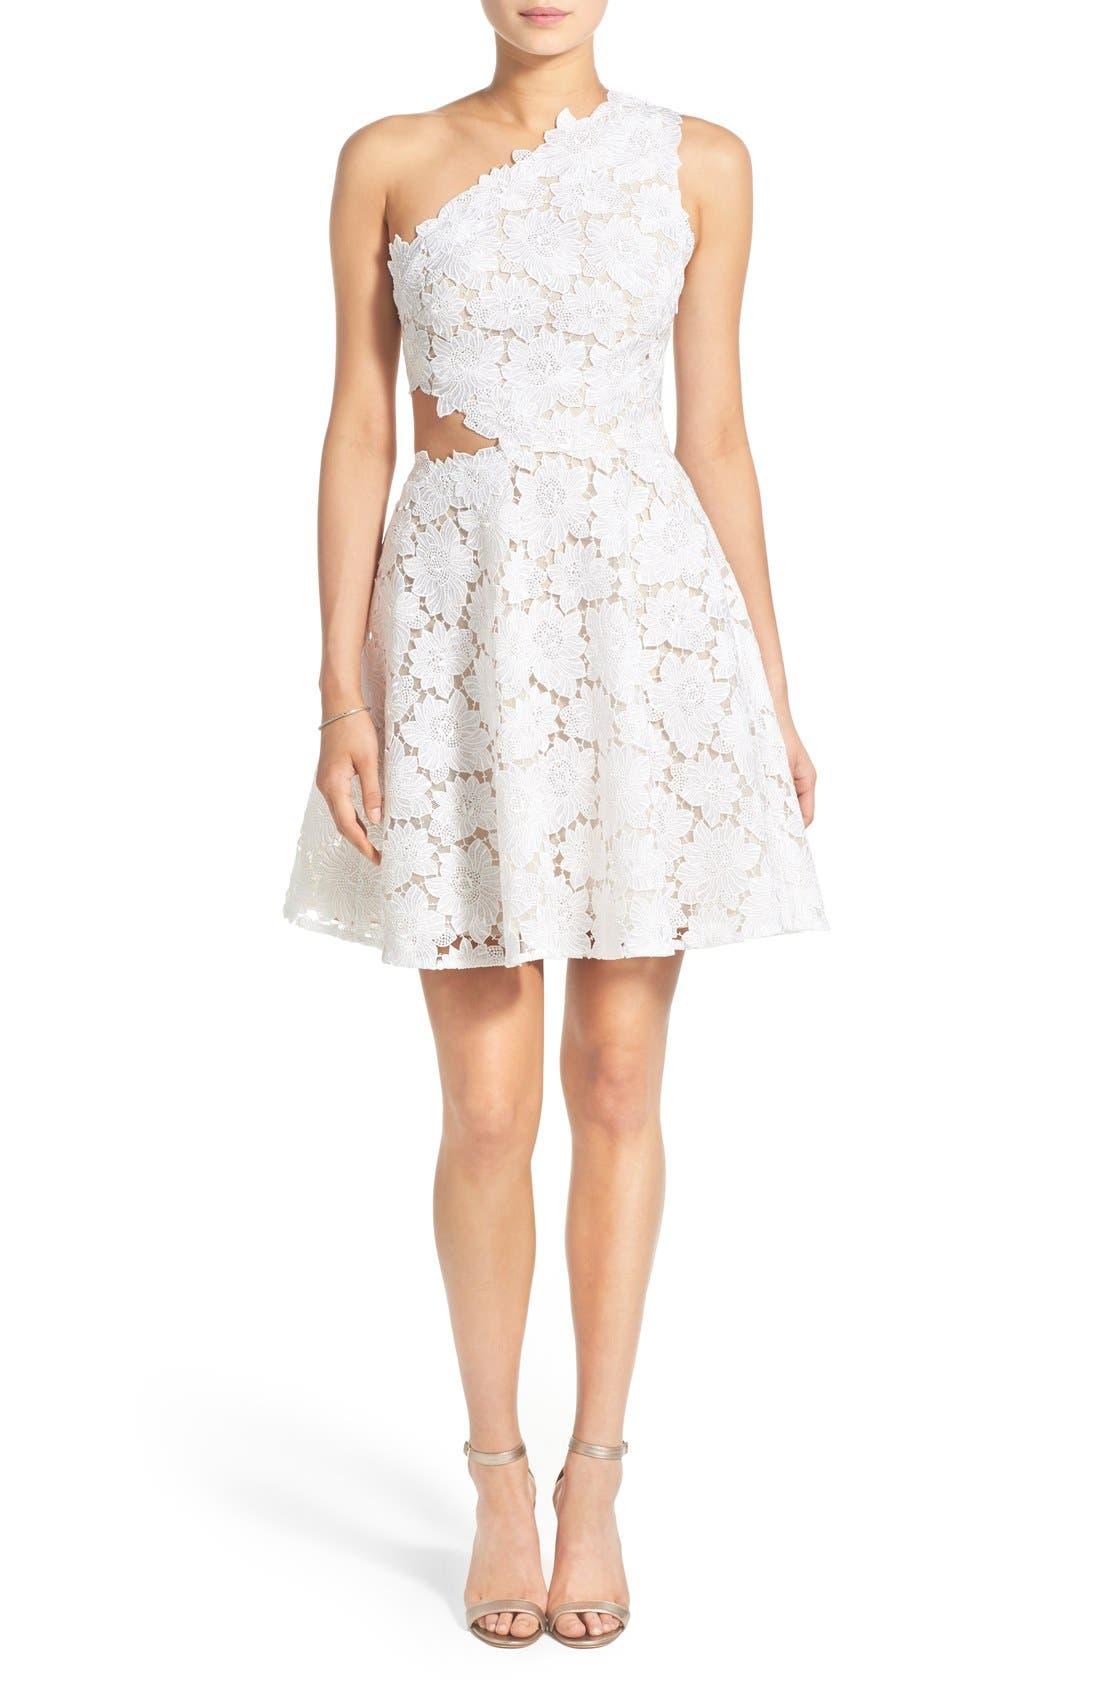 BLISS Monique Lhuillier Guipure Lace One Shoulder Fit & Flare Dress